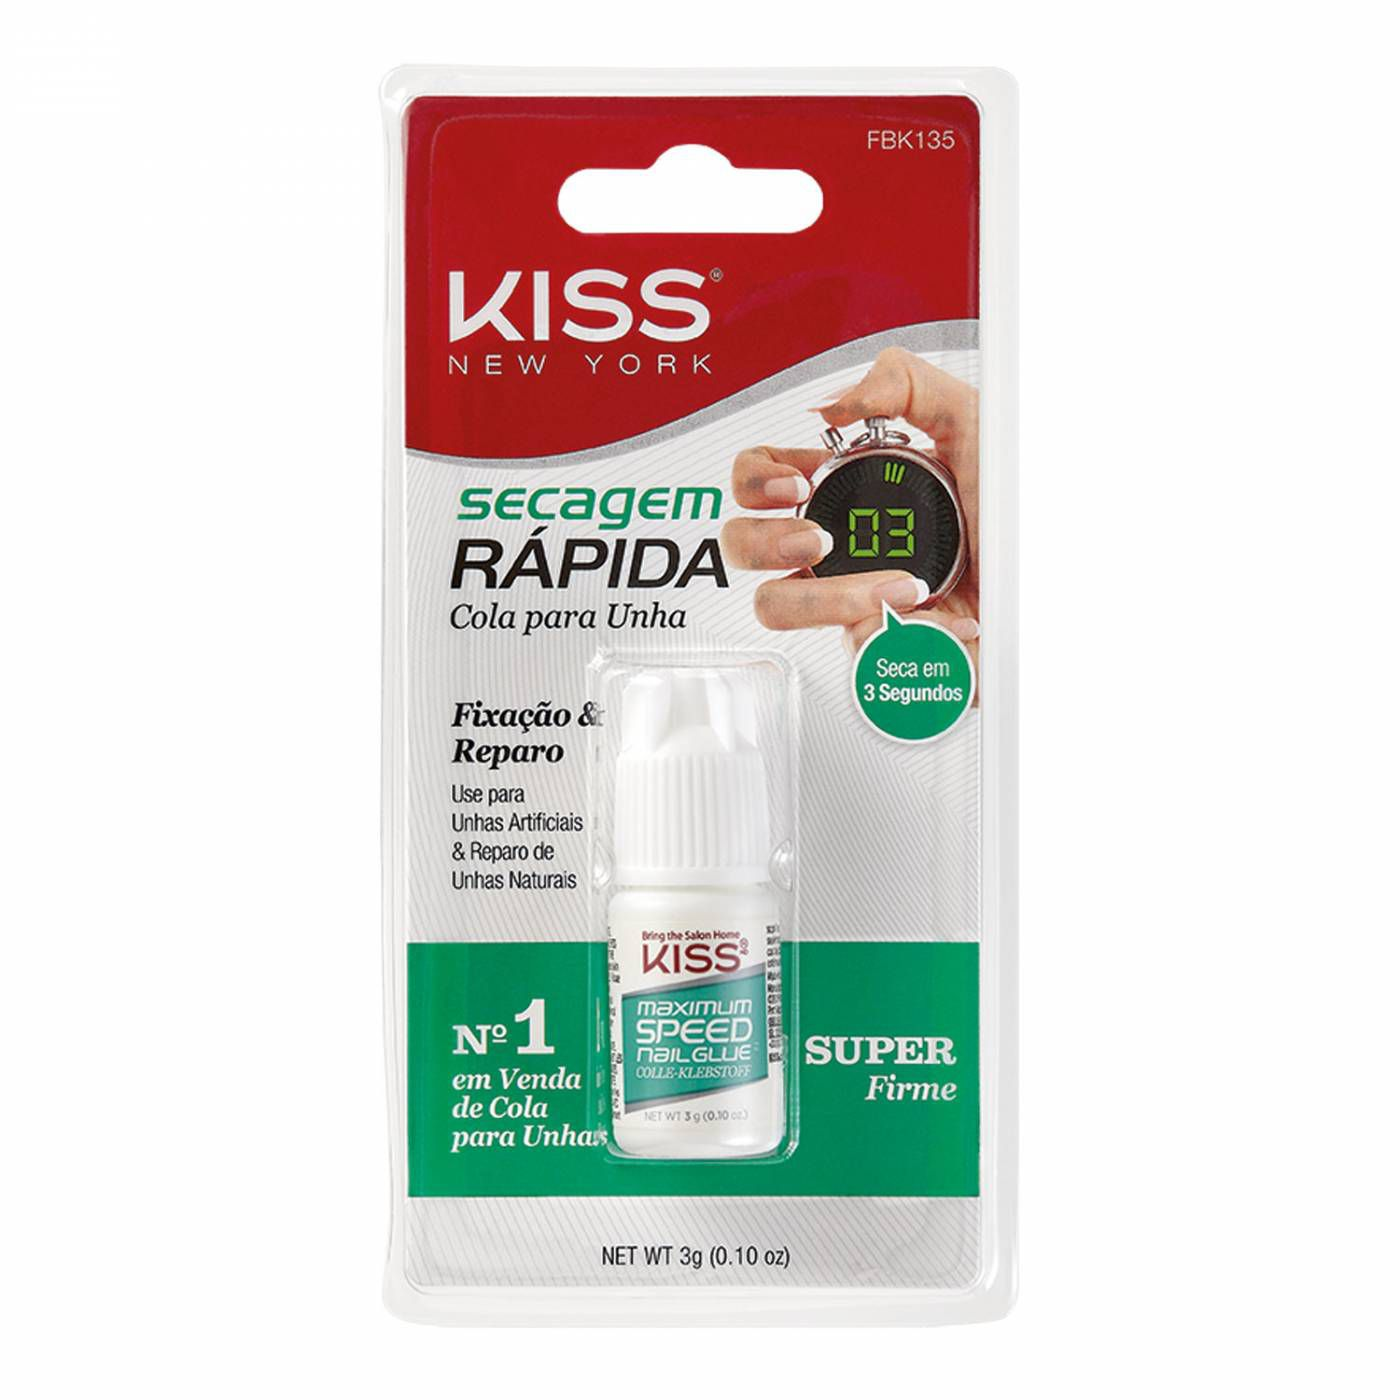 Cola para unhas postiças - secagem rápida 3g Kiss Ny FBK135